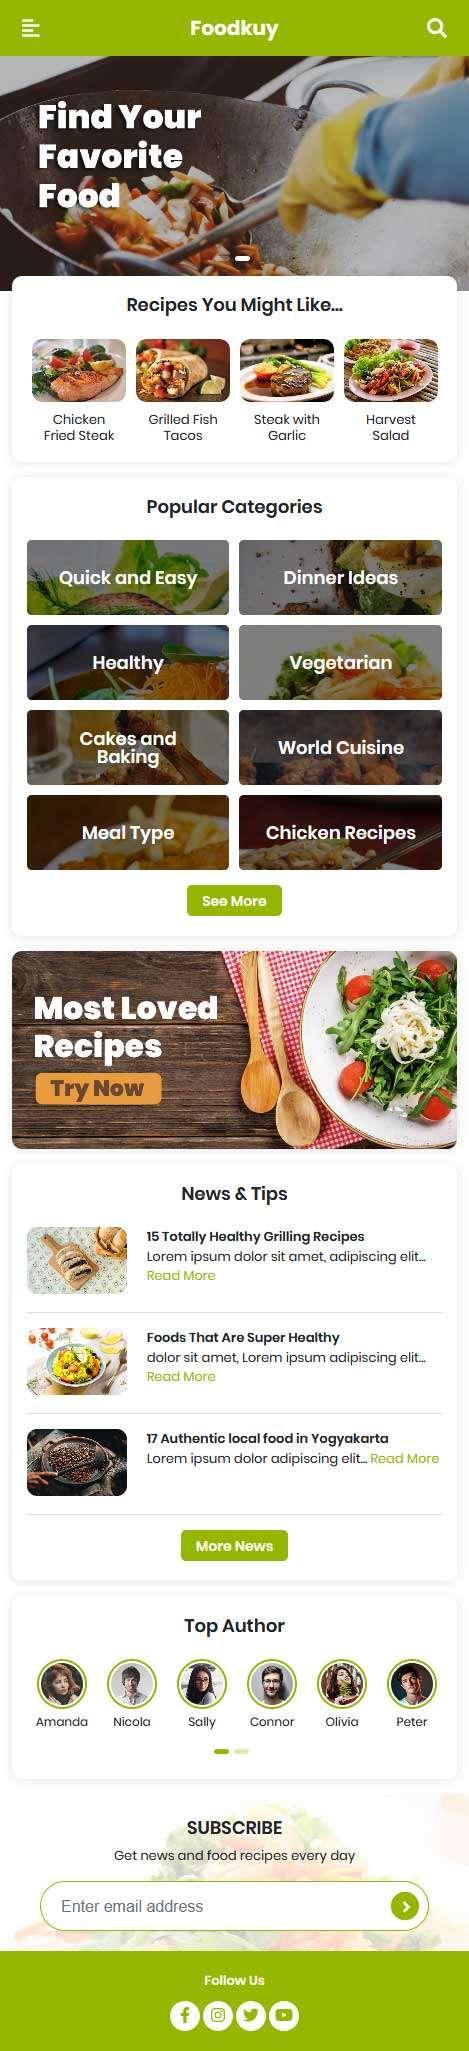 英文美食餐饮平台手机网站模板